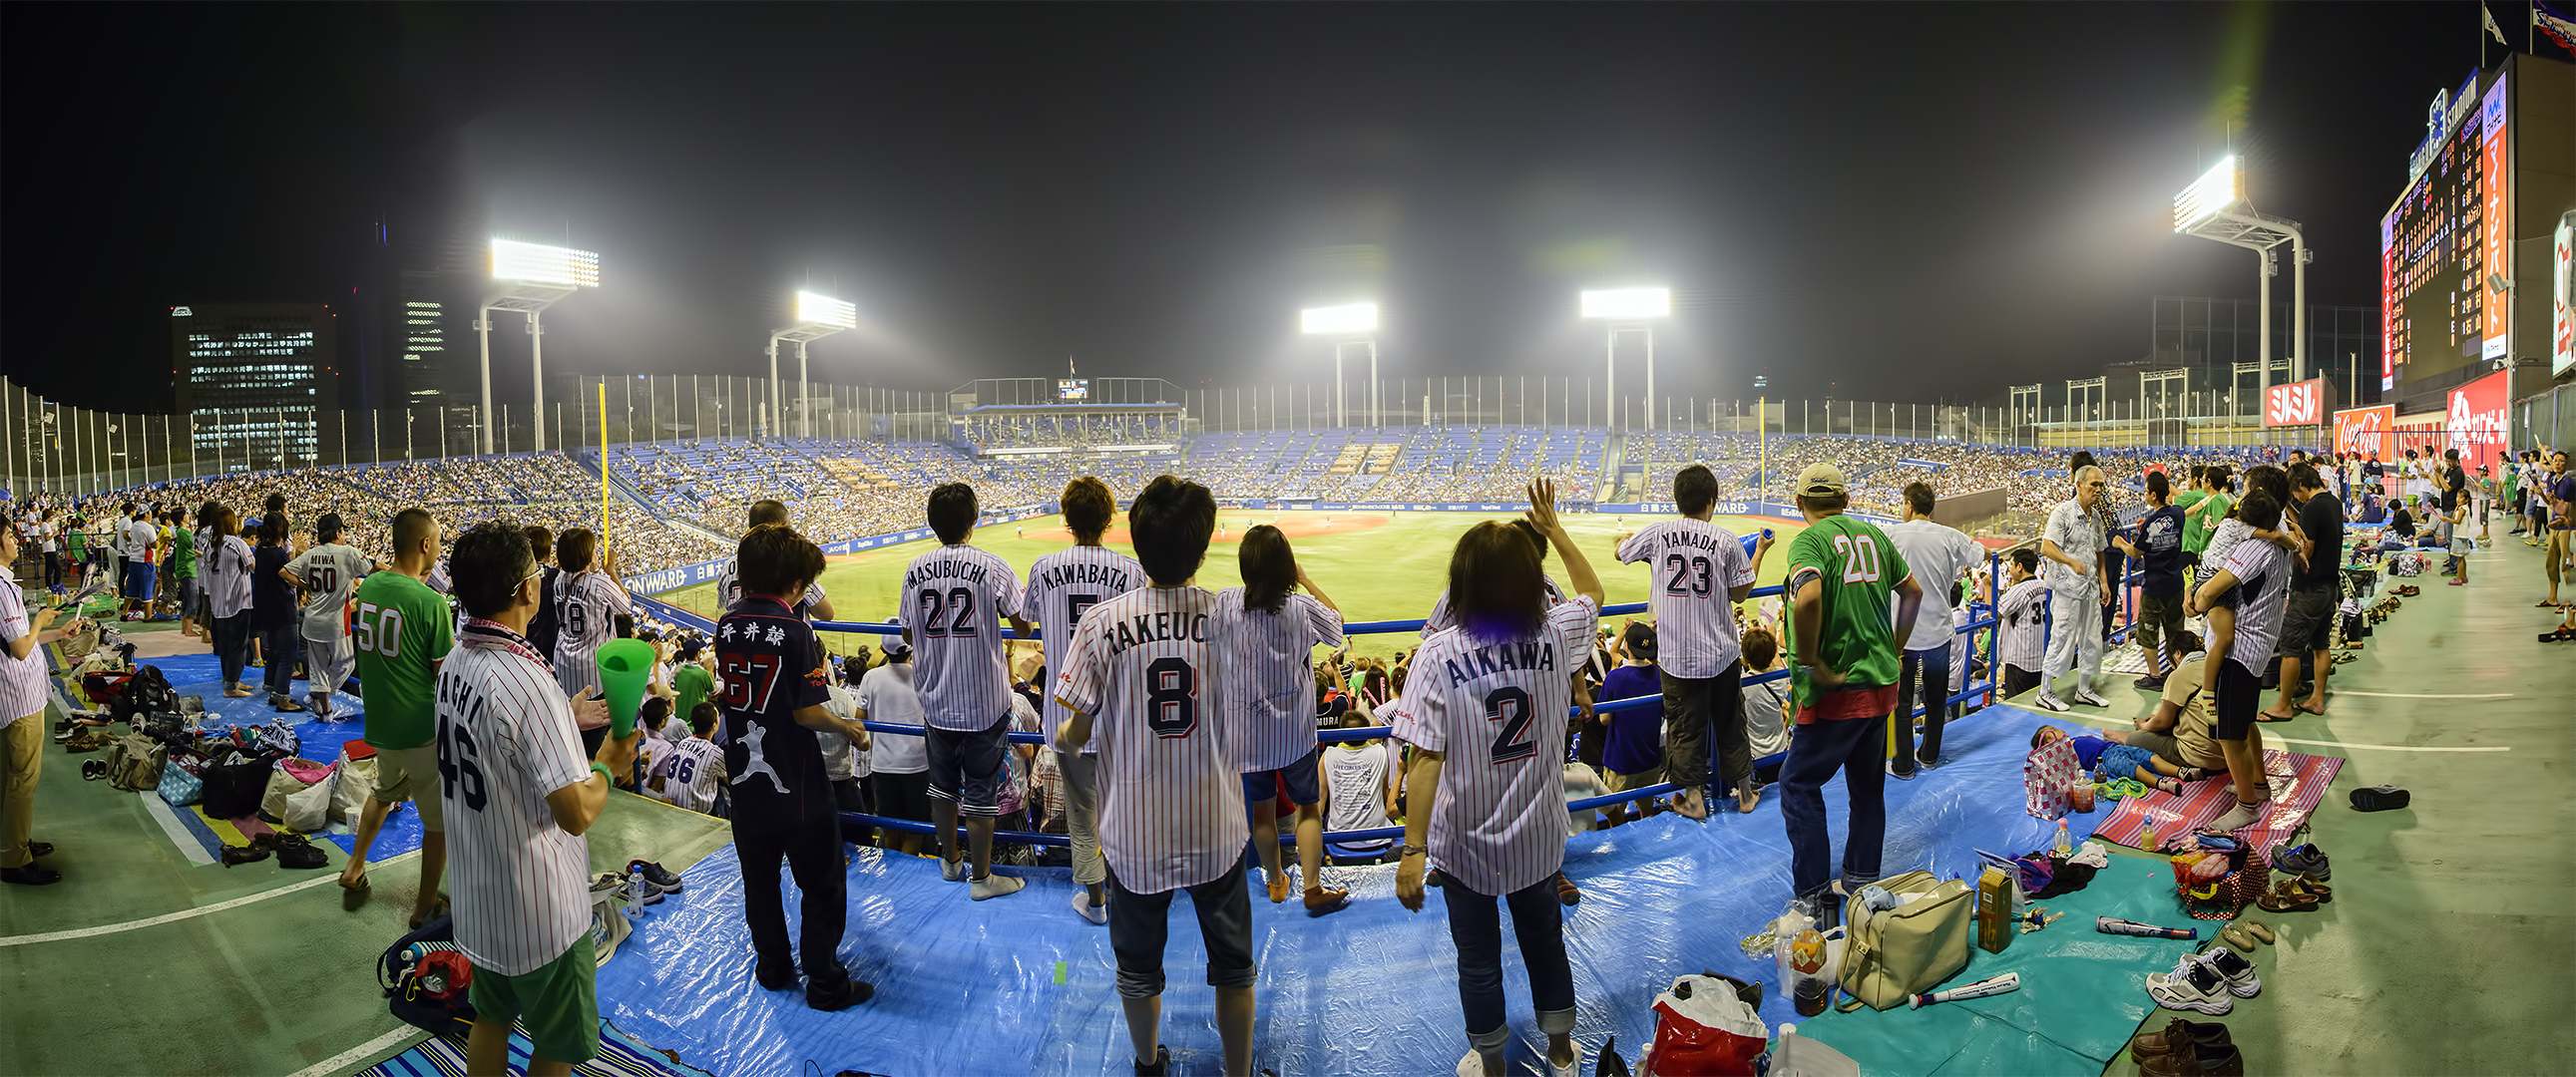 明治神宮野球場 meiji jingu panorama photomerge